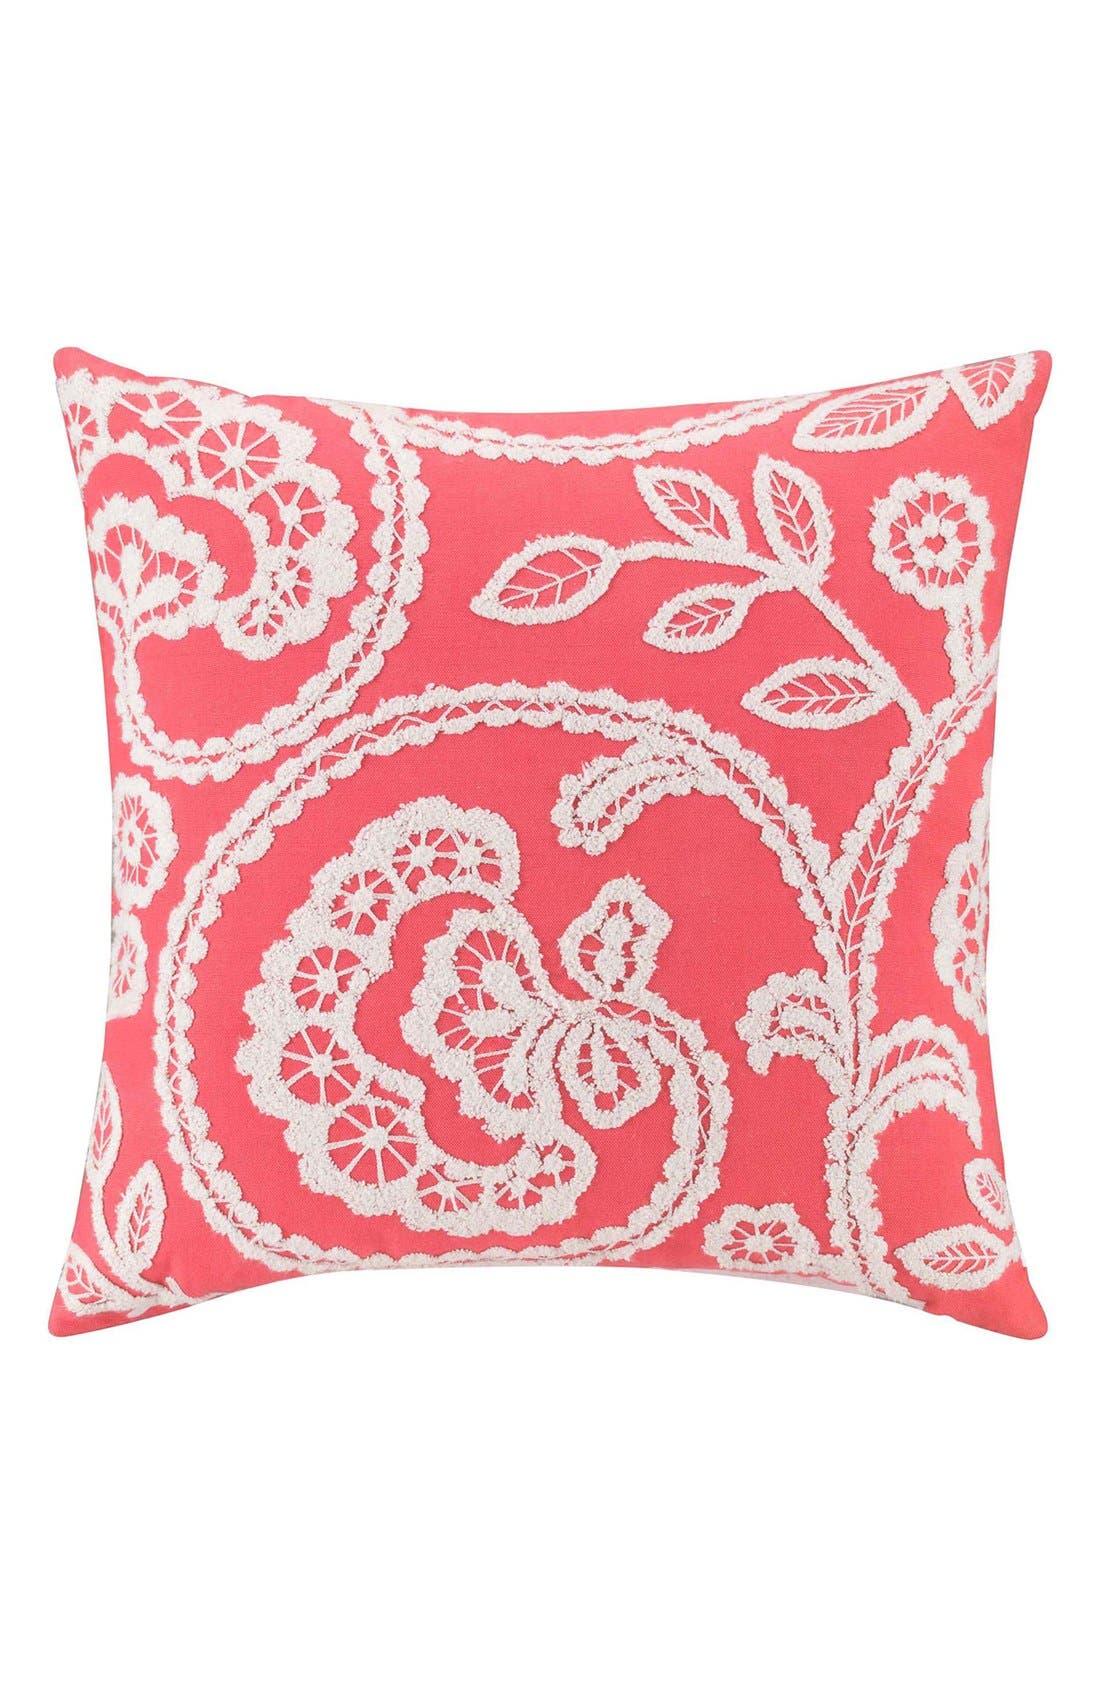 KAS Designs 'Ingrid' Pillow